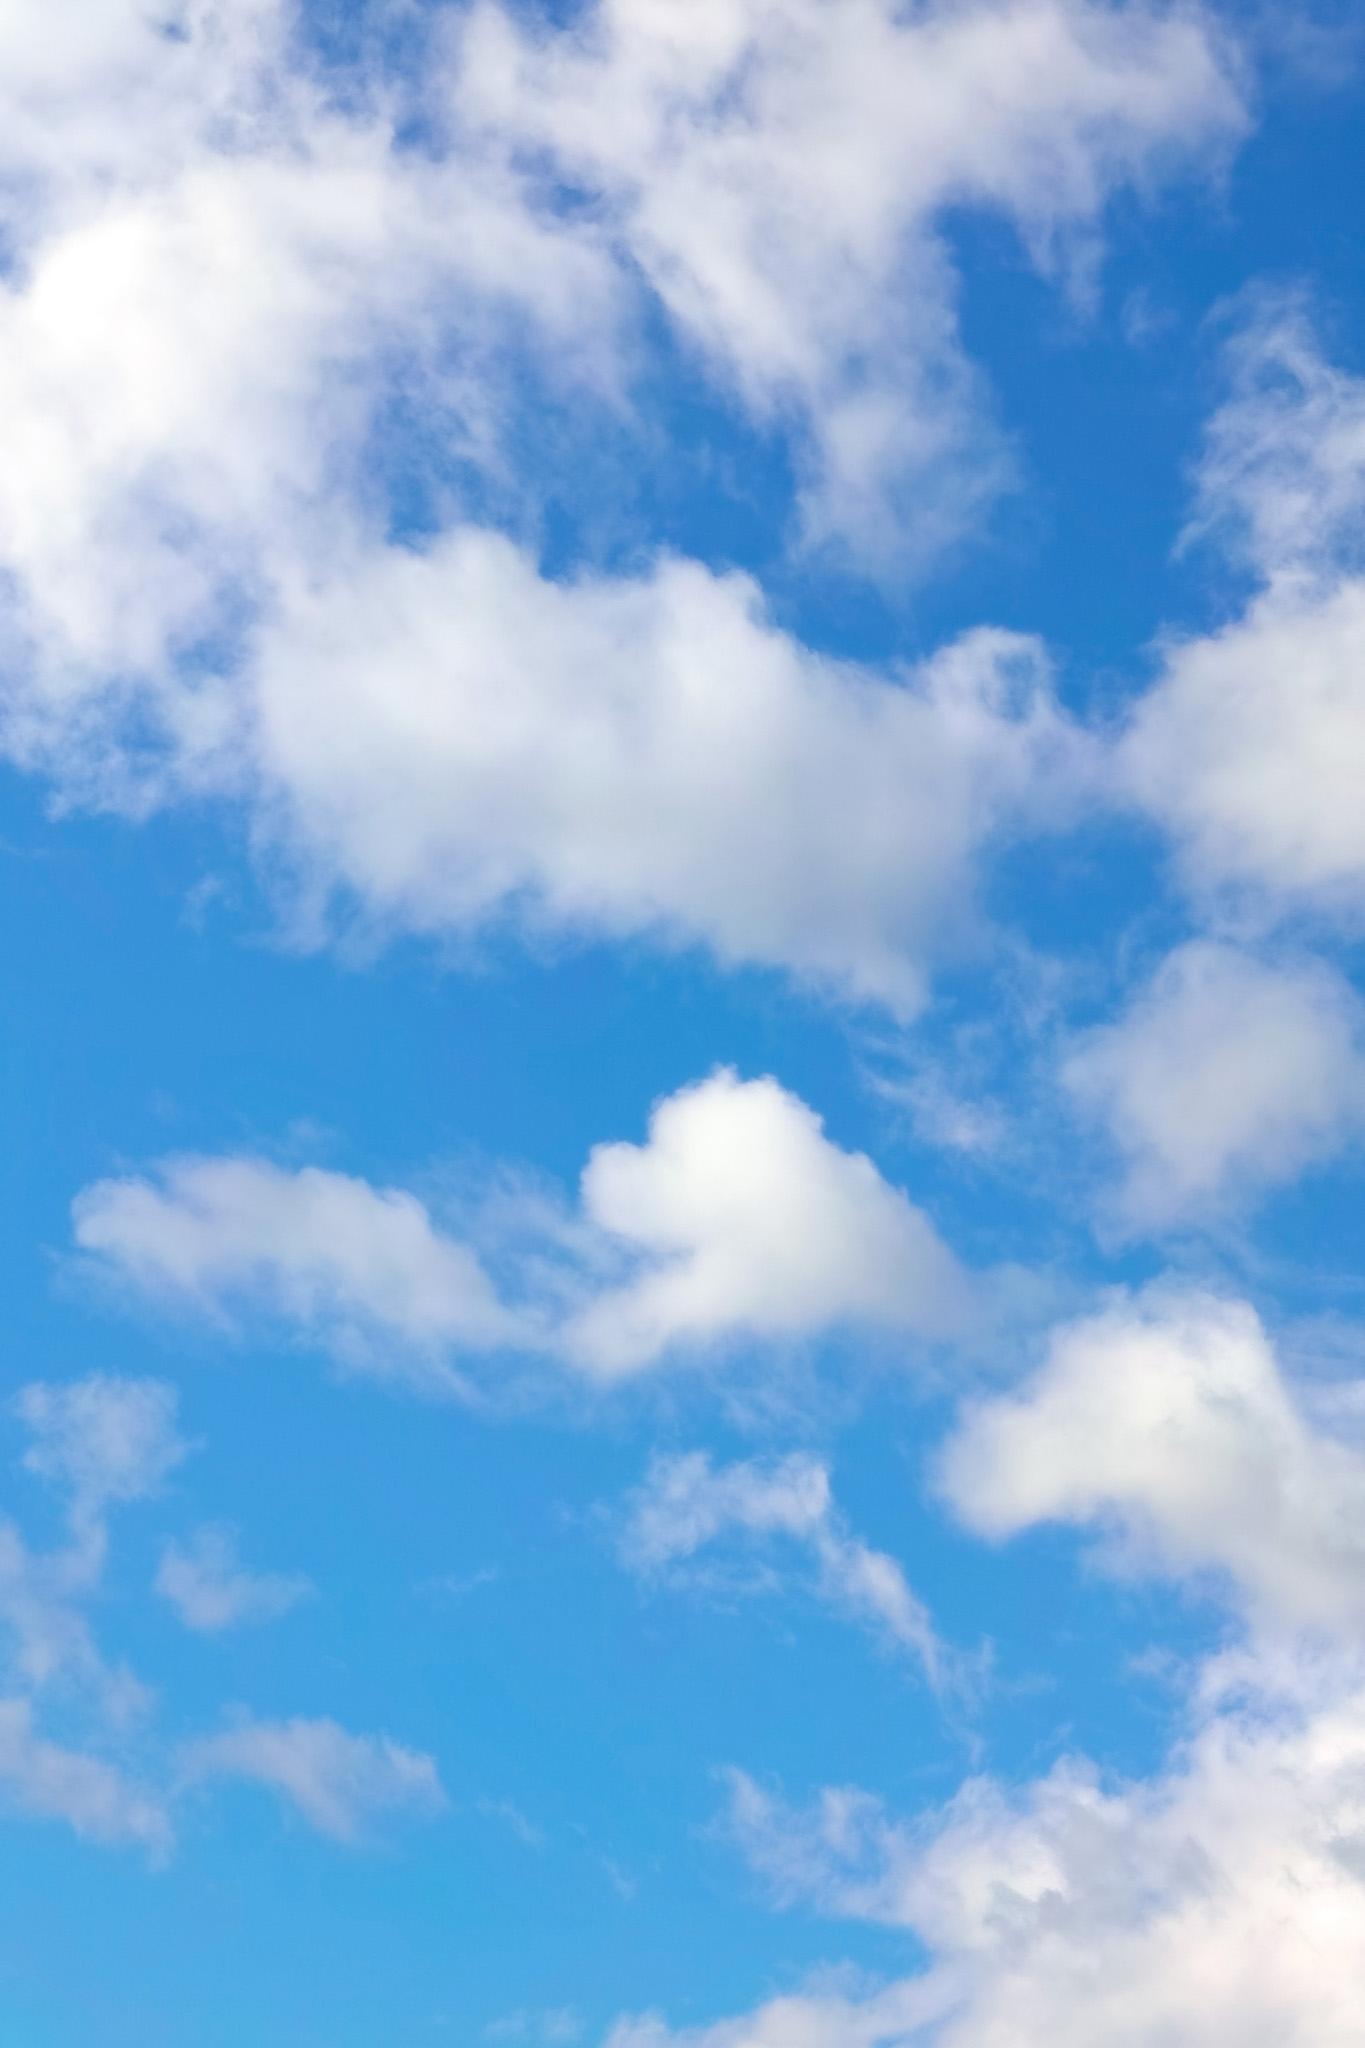 「白い雲と清々しい青空」の画像を無料ダウンロード